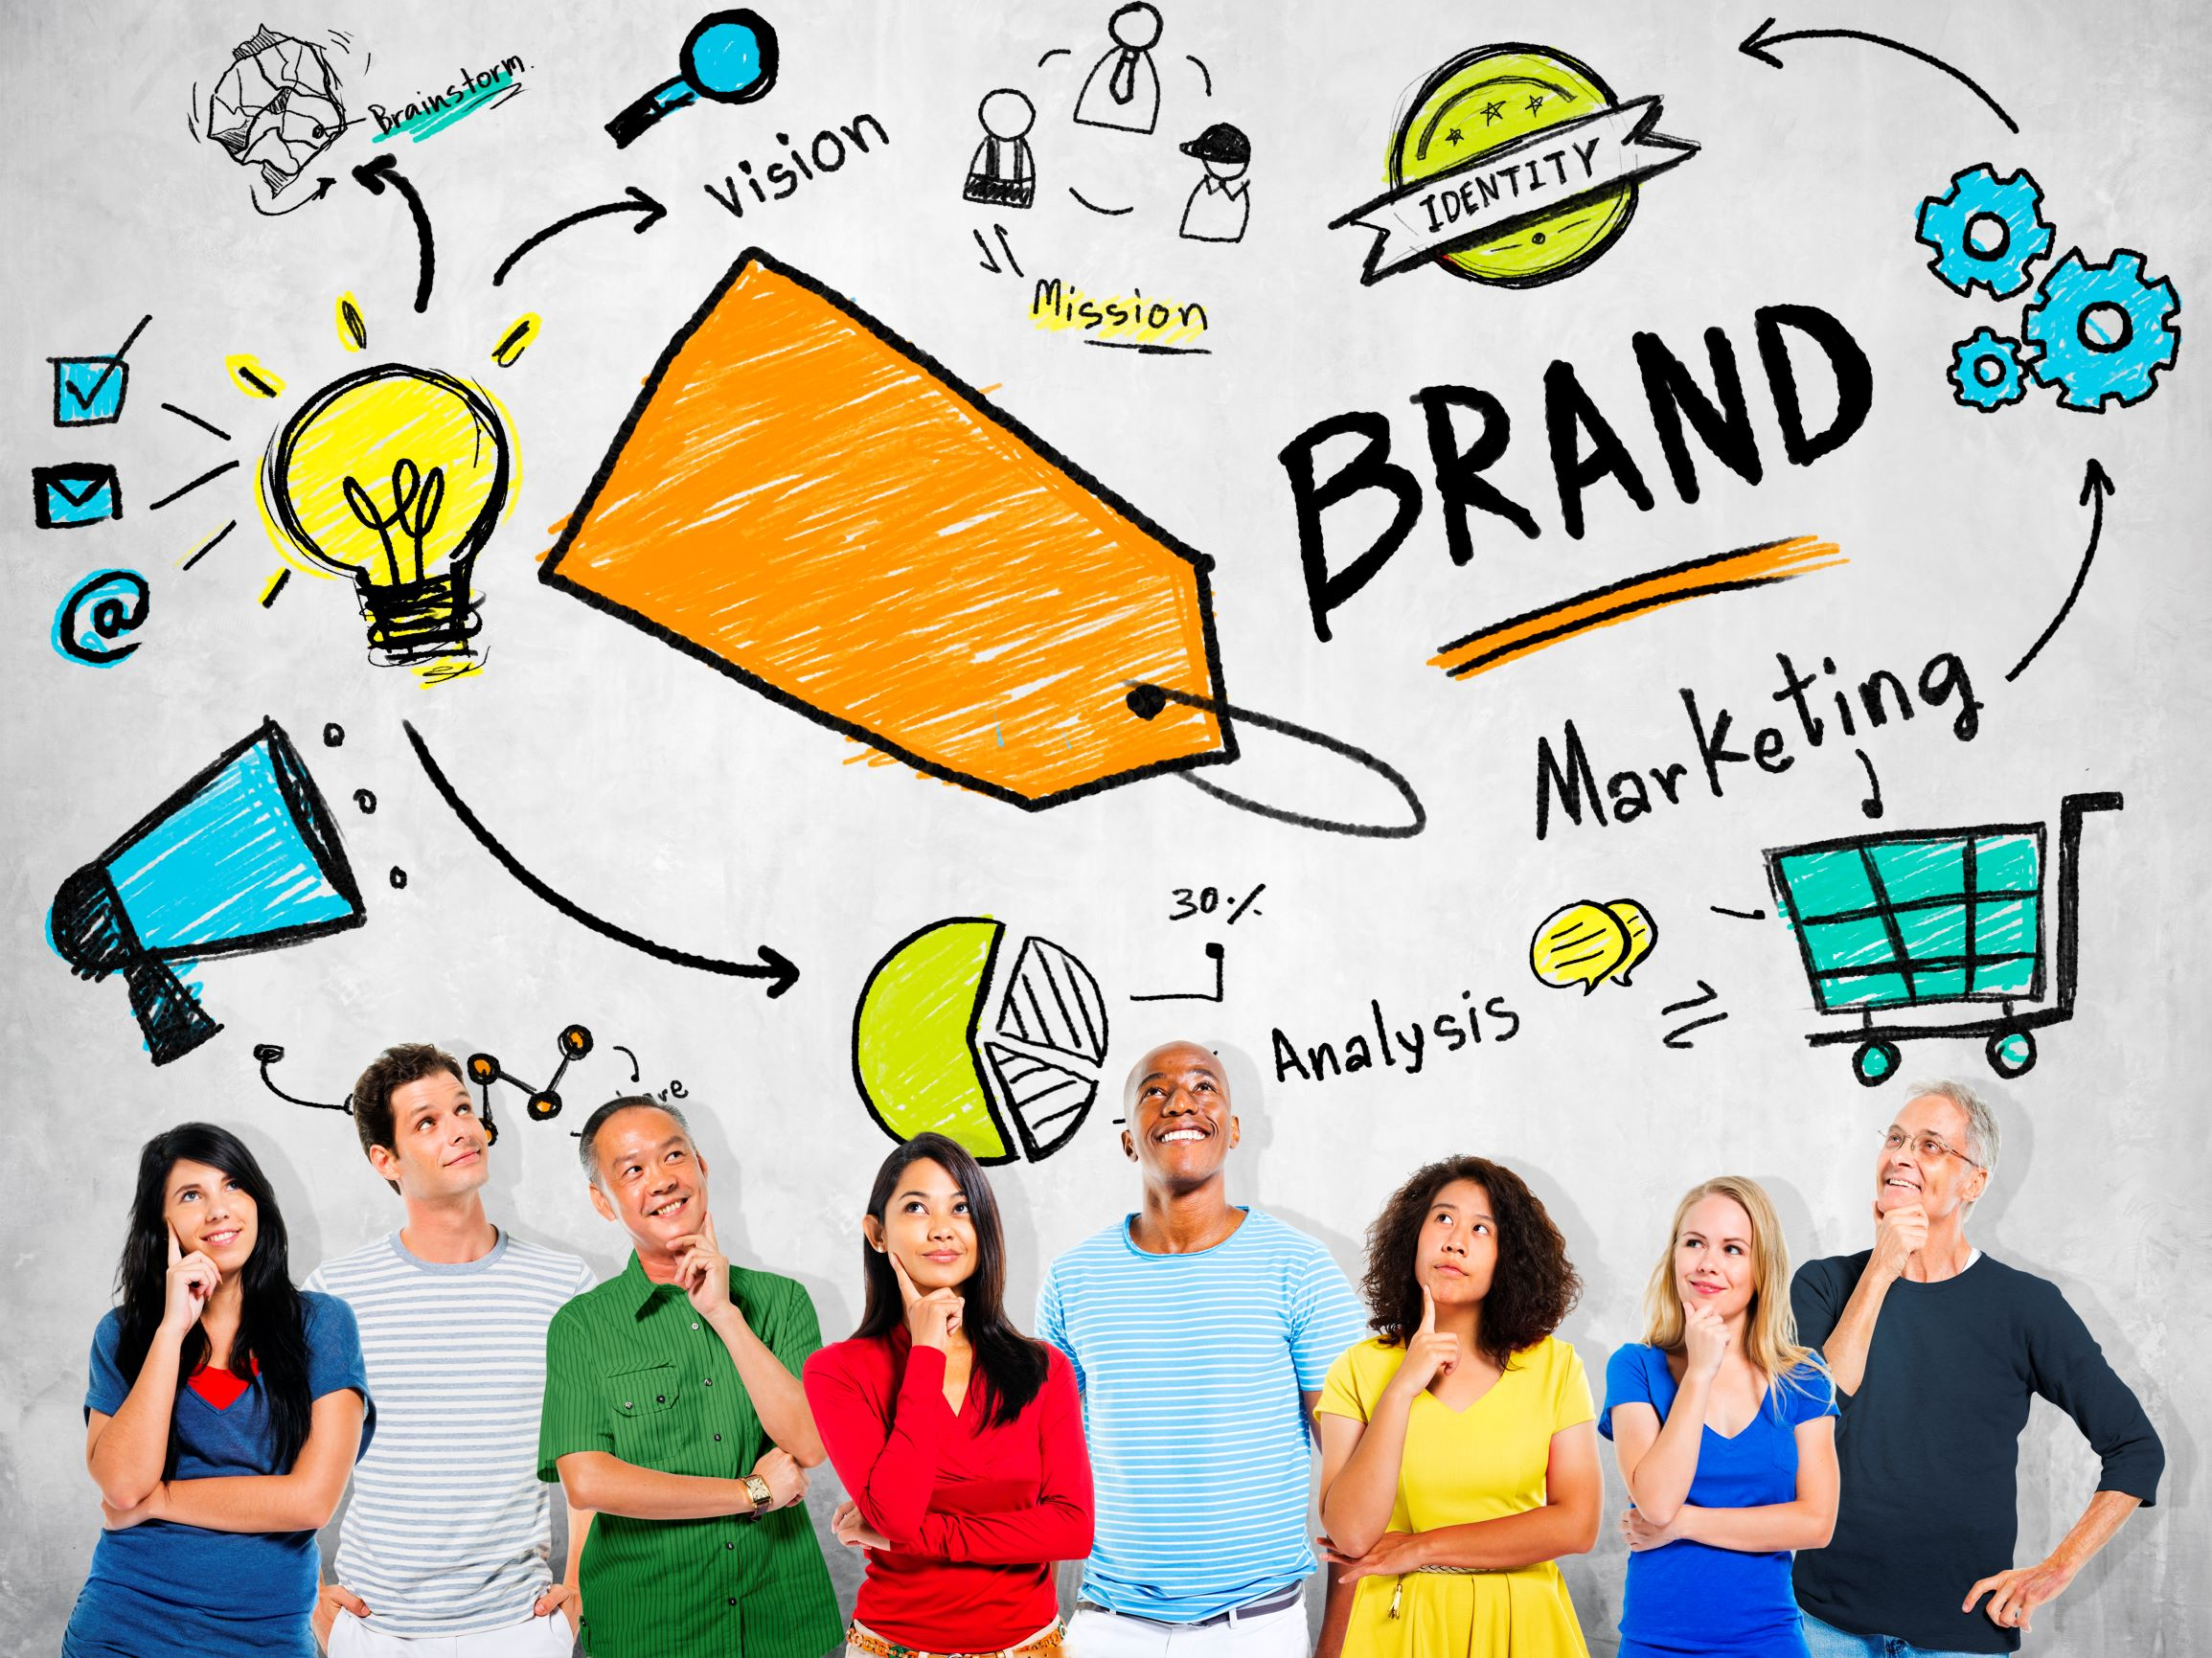 Composición visual, la clave para un exitoso branding